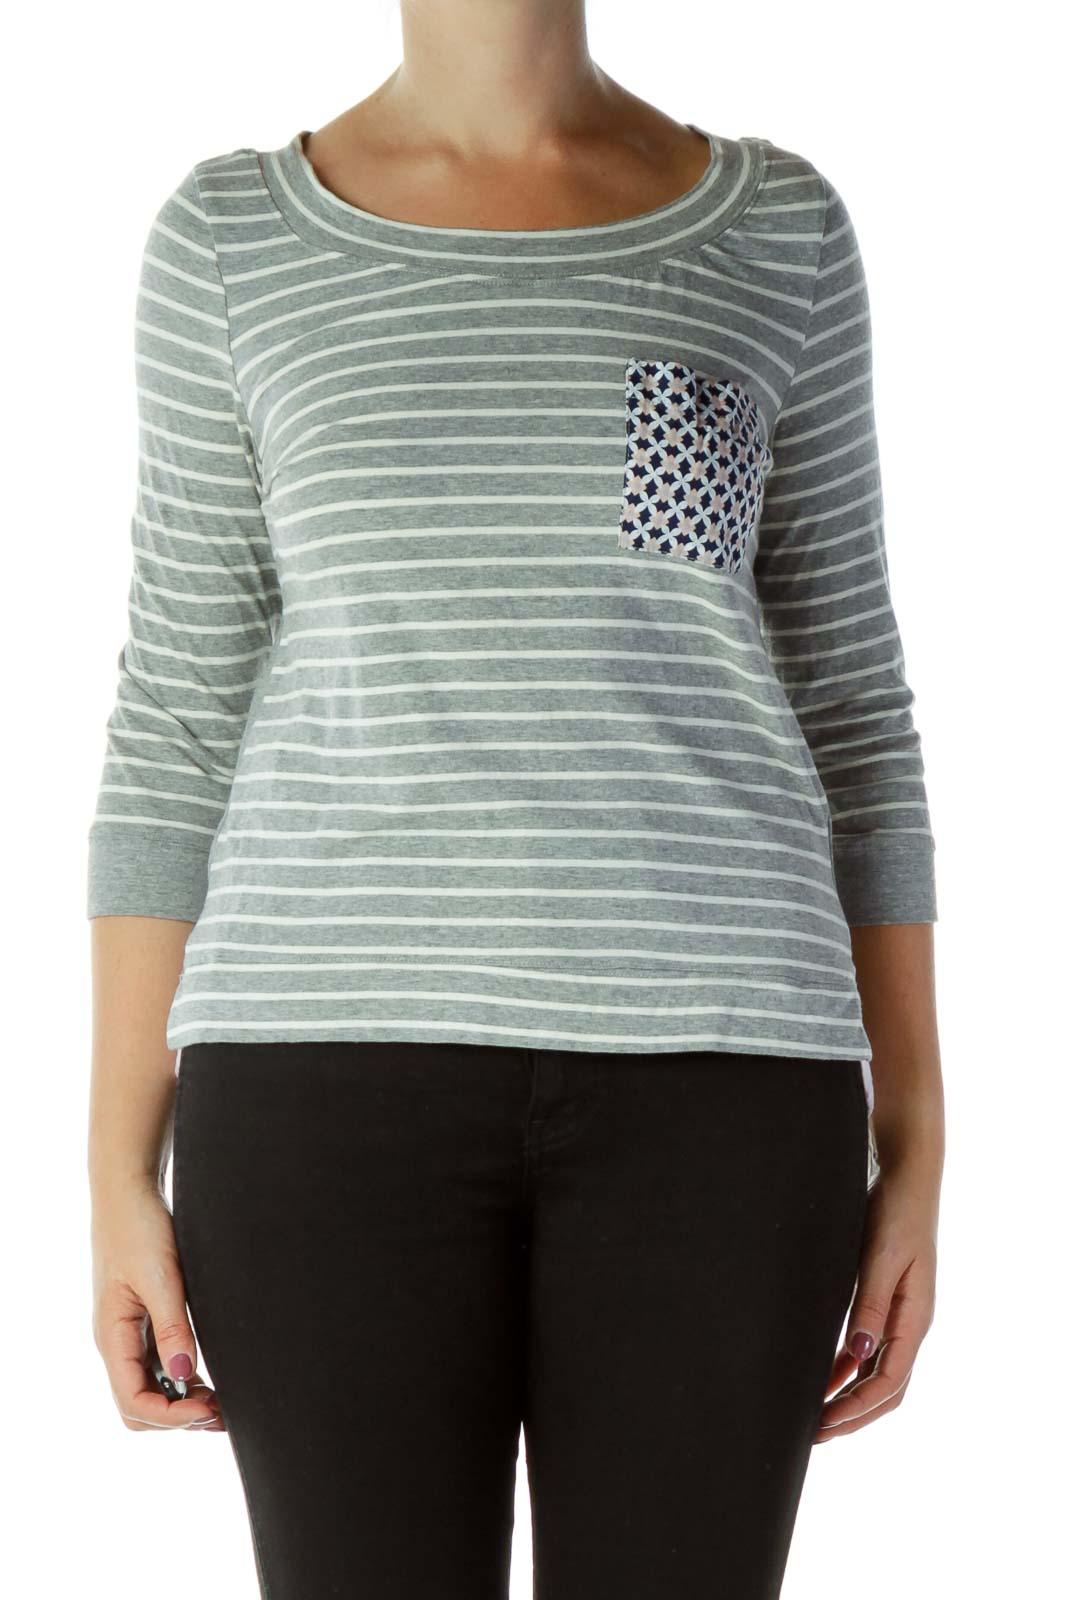 Gray Striped Layered Shirt